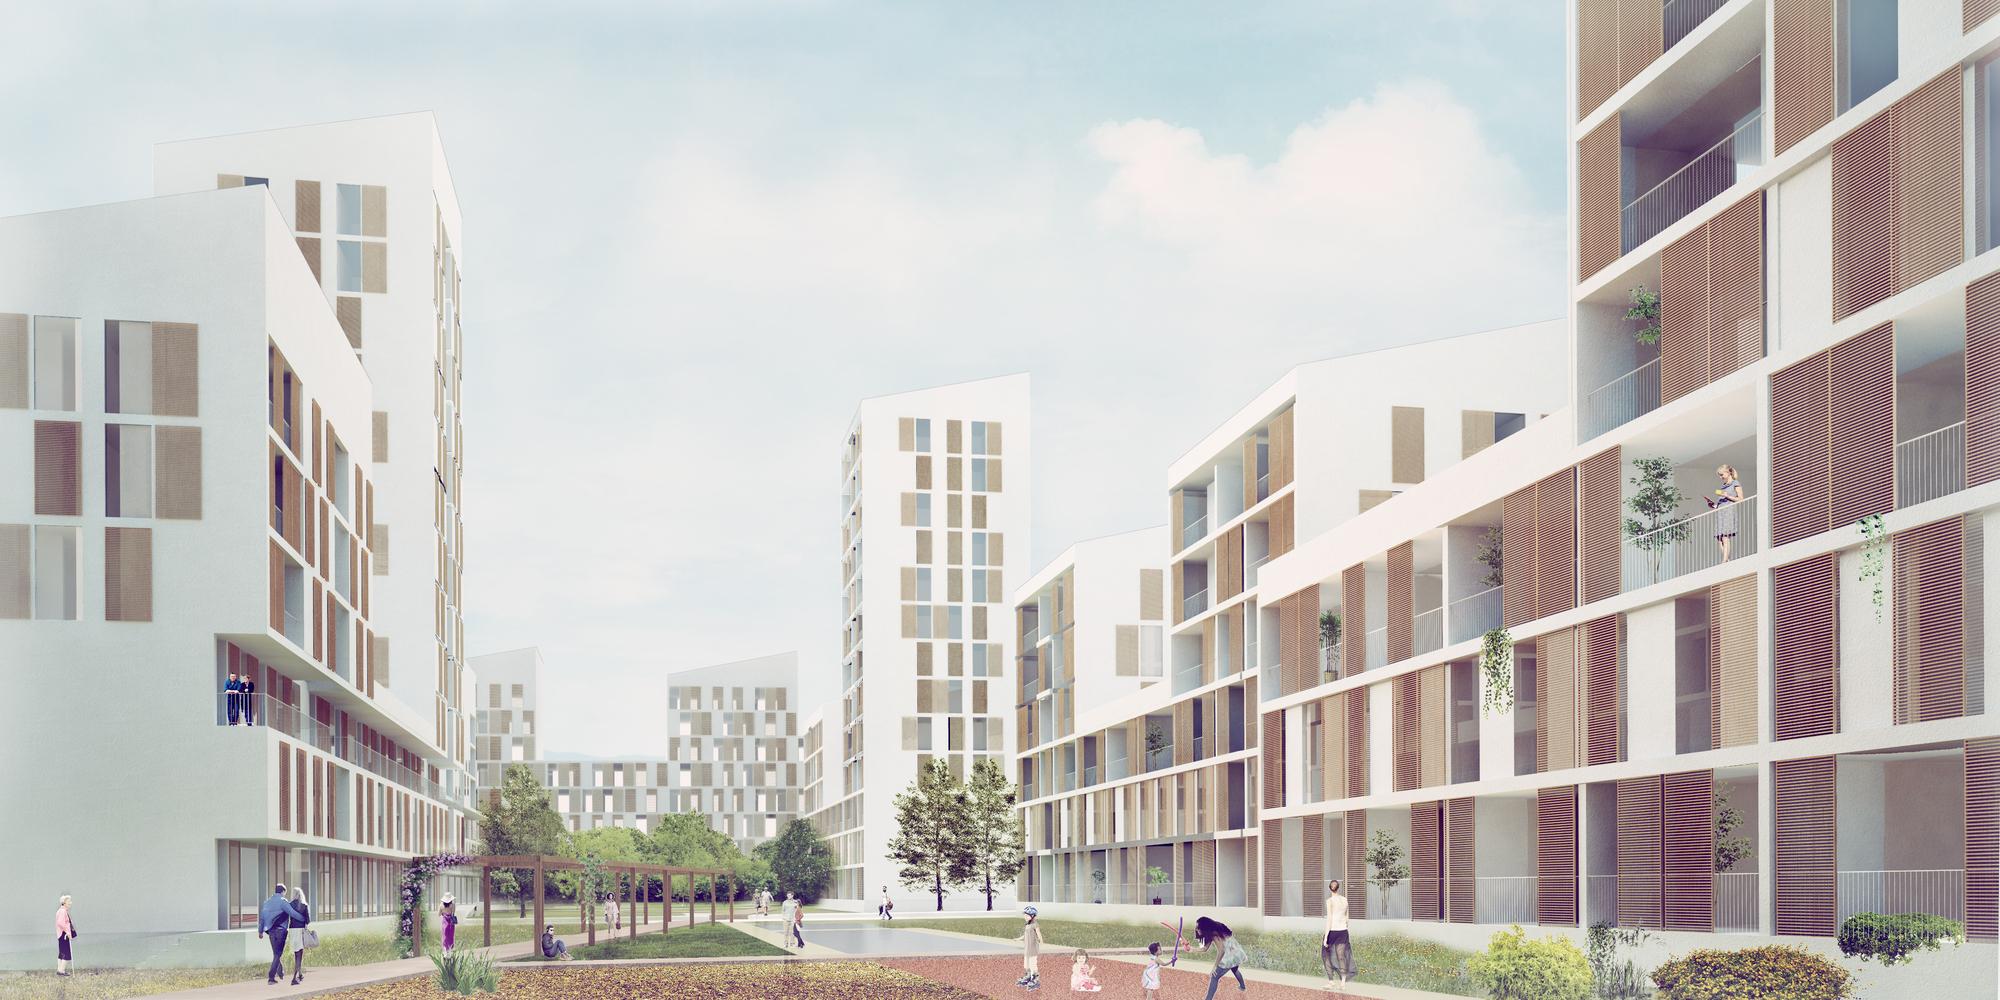 Pr ctica y daroca arquitectos dise ar n 116 viviendas del proyecto manzana verde en m laga - Arquitectos en malaga ...